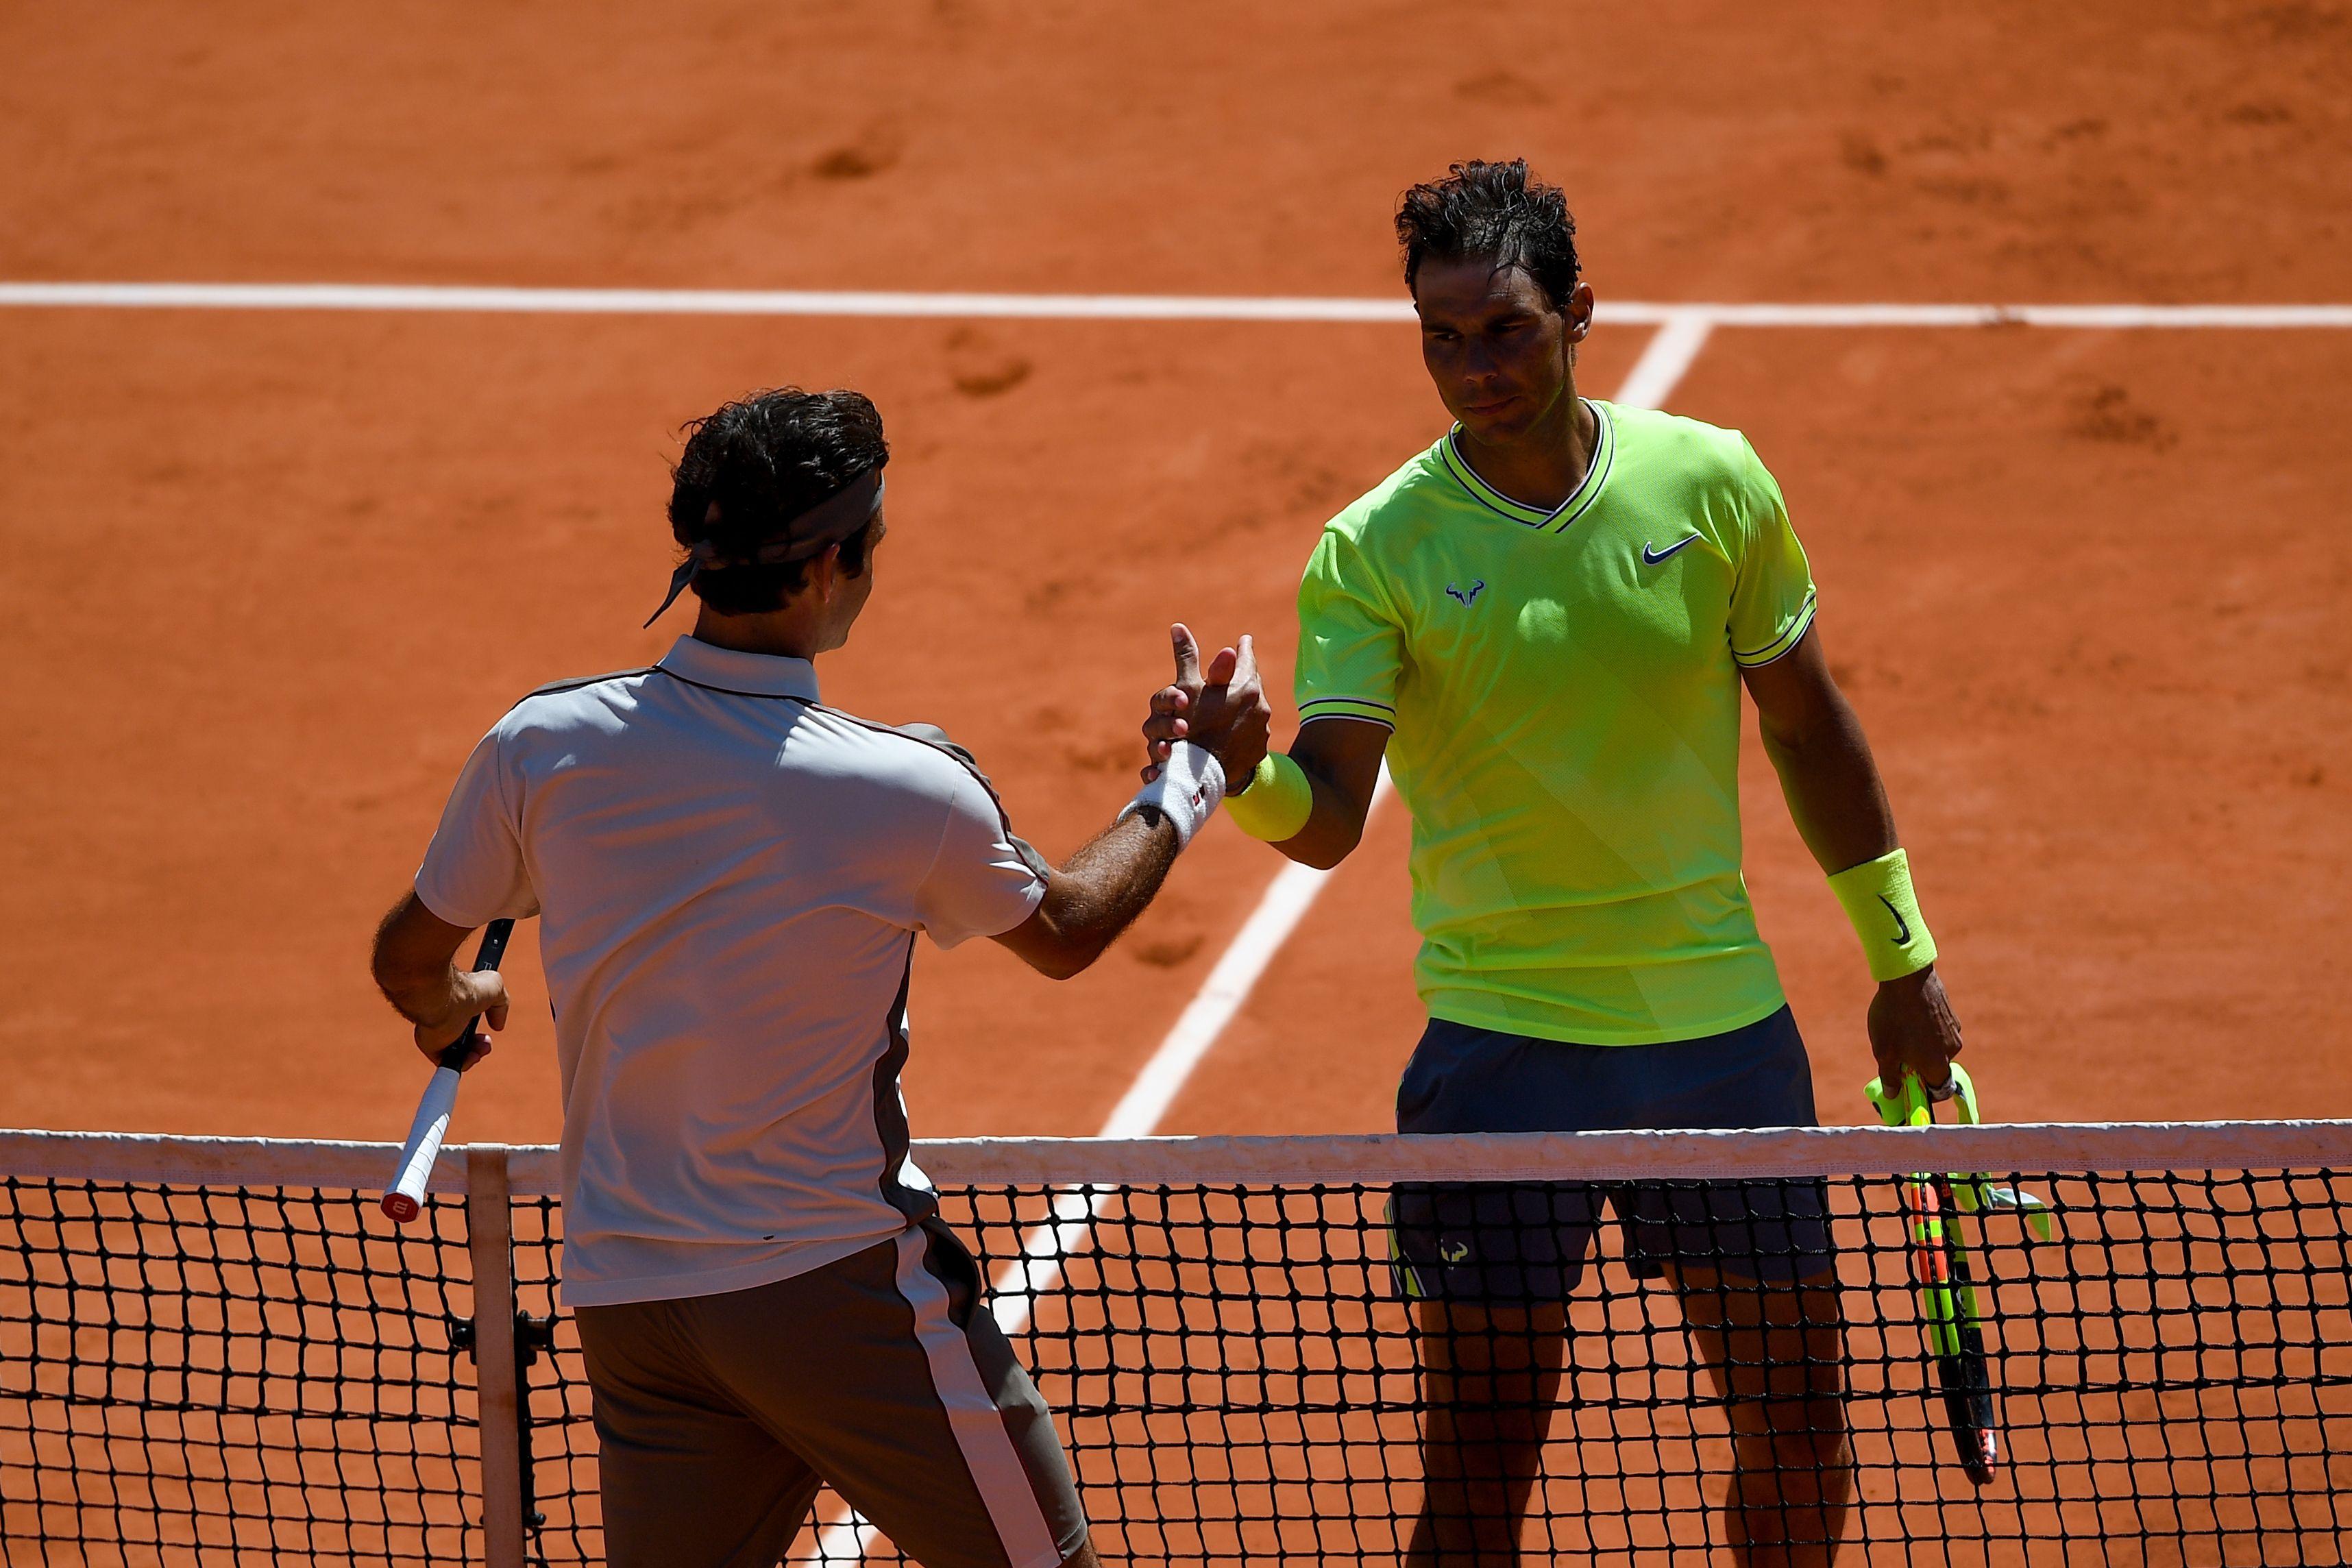 Tennis - Roland-Garros - Nadal toujours dans le vent face à Federer à Roland-Garros